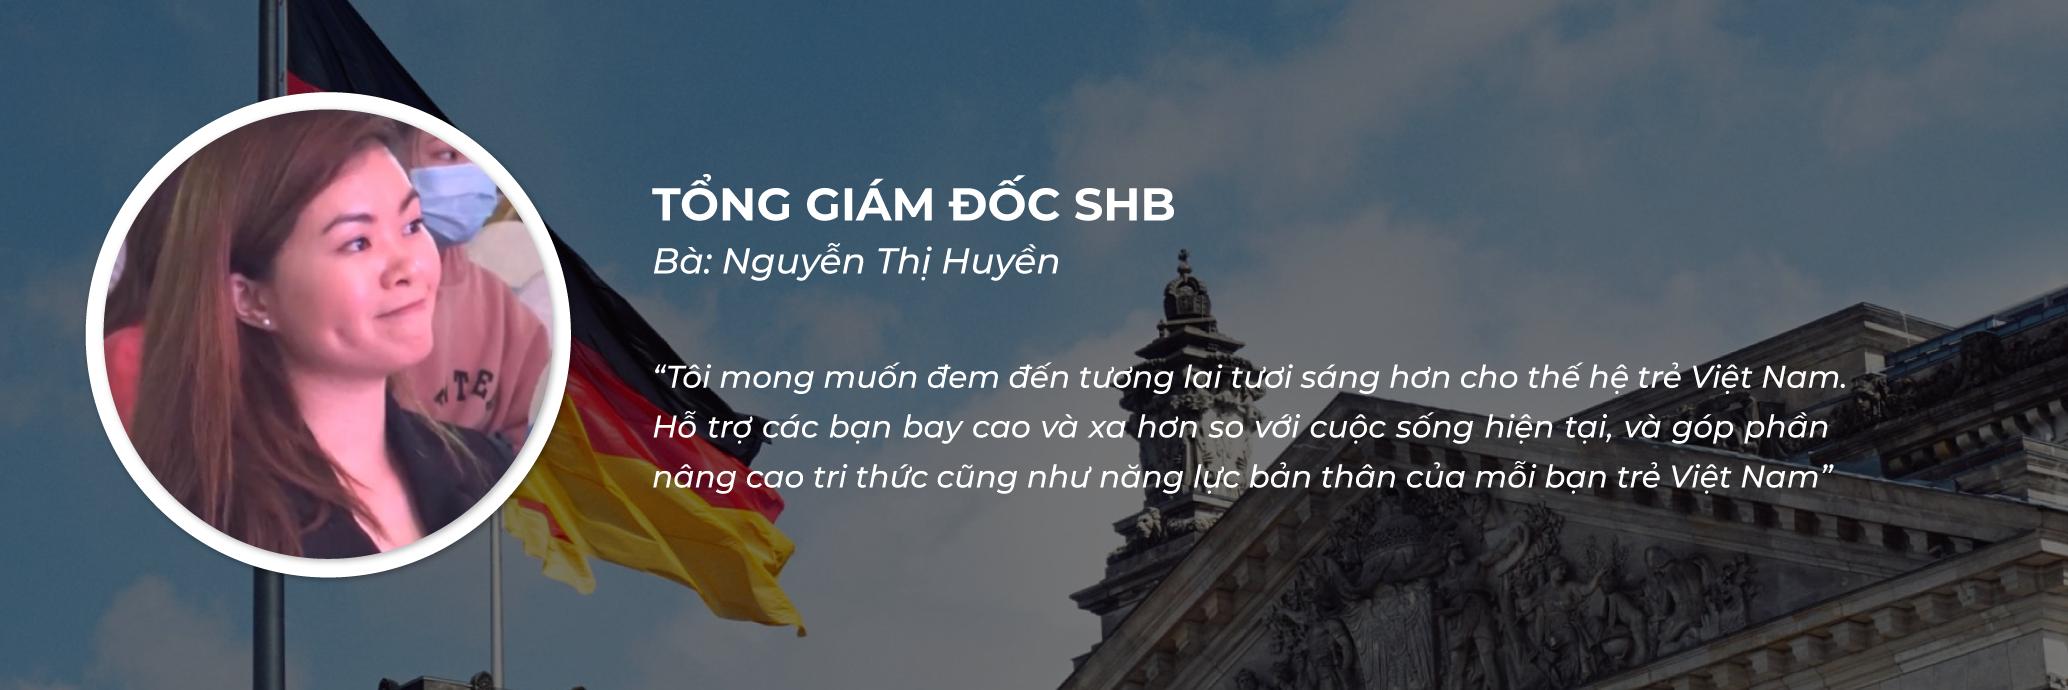 Phat Bieu Chi Huyen Ceo